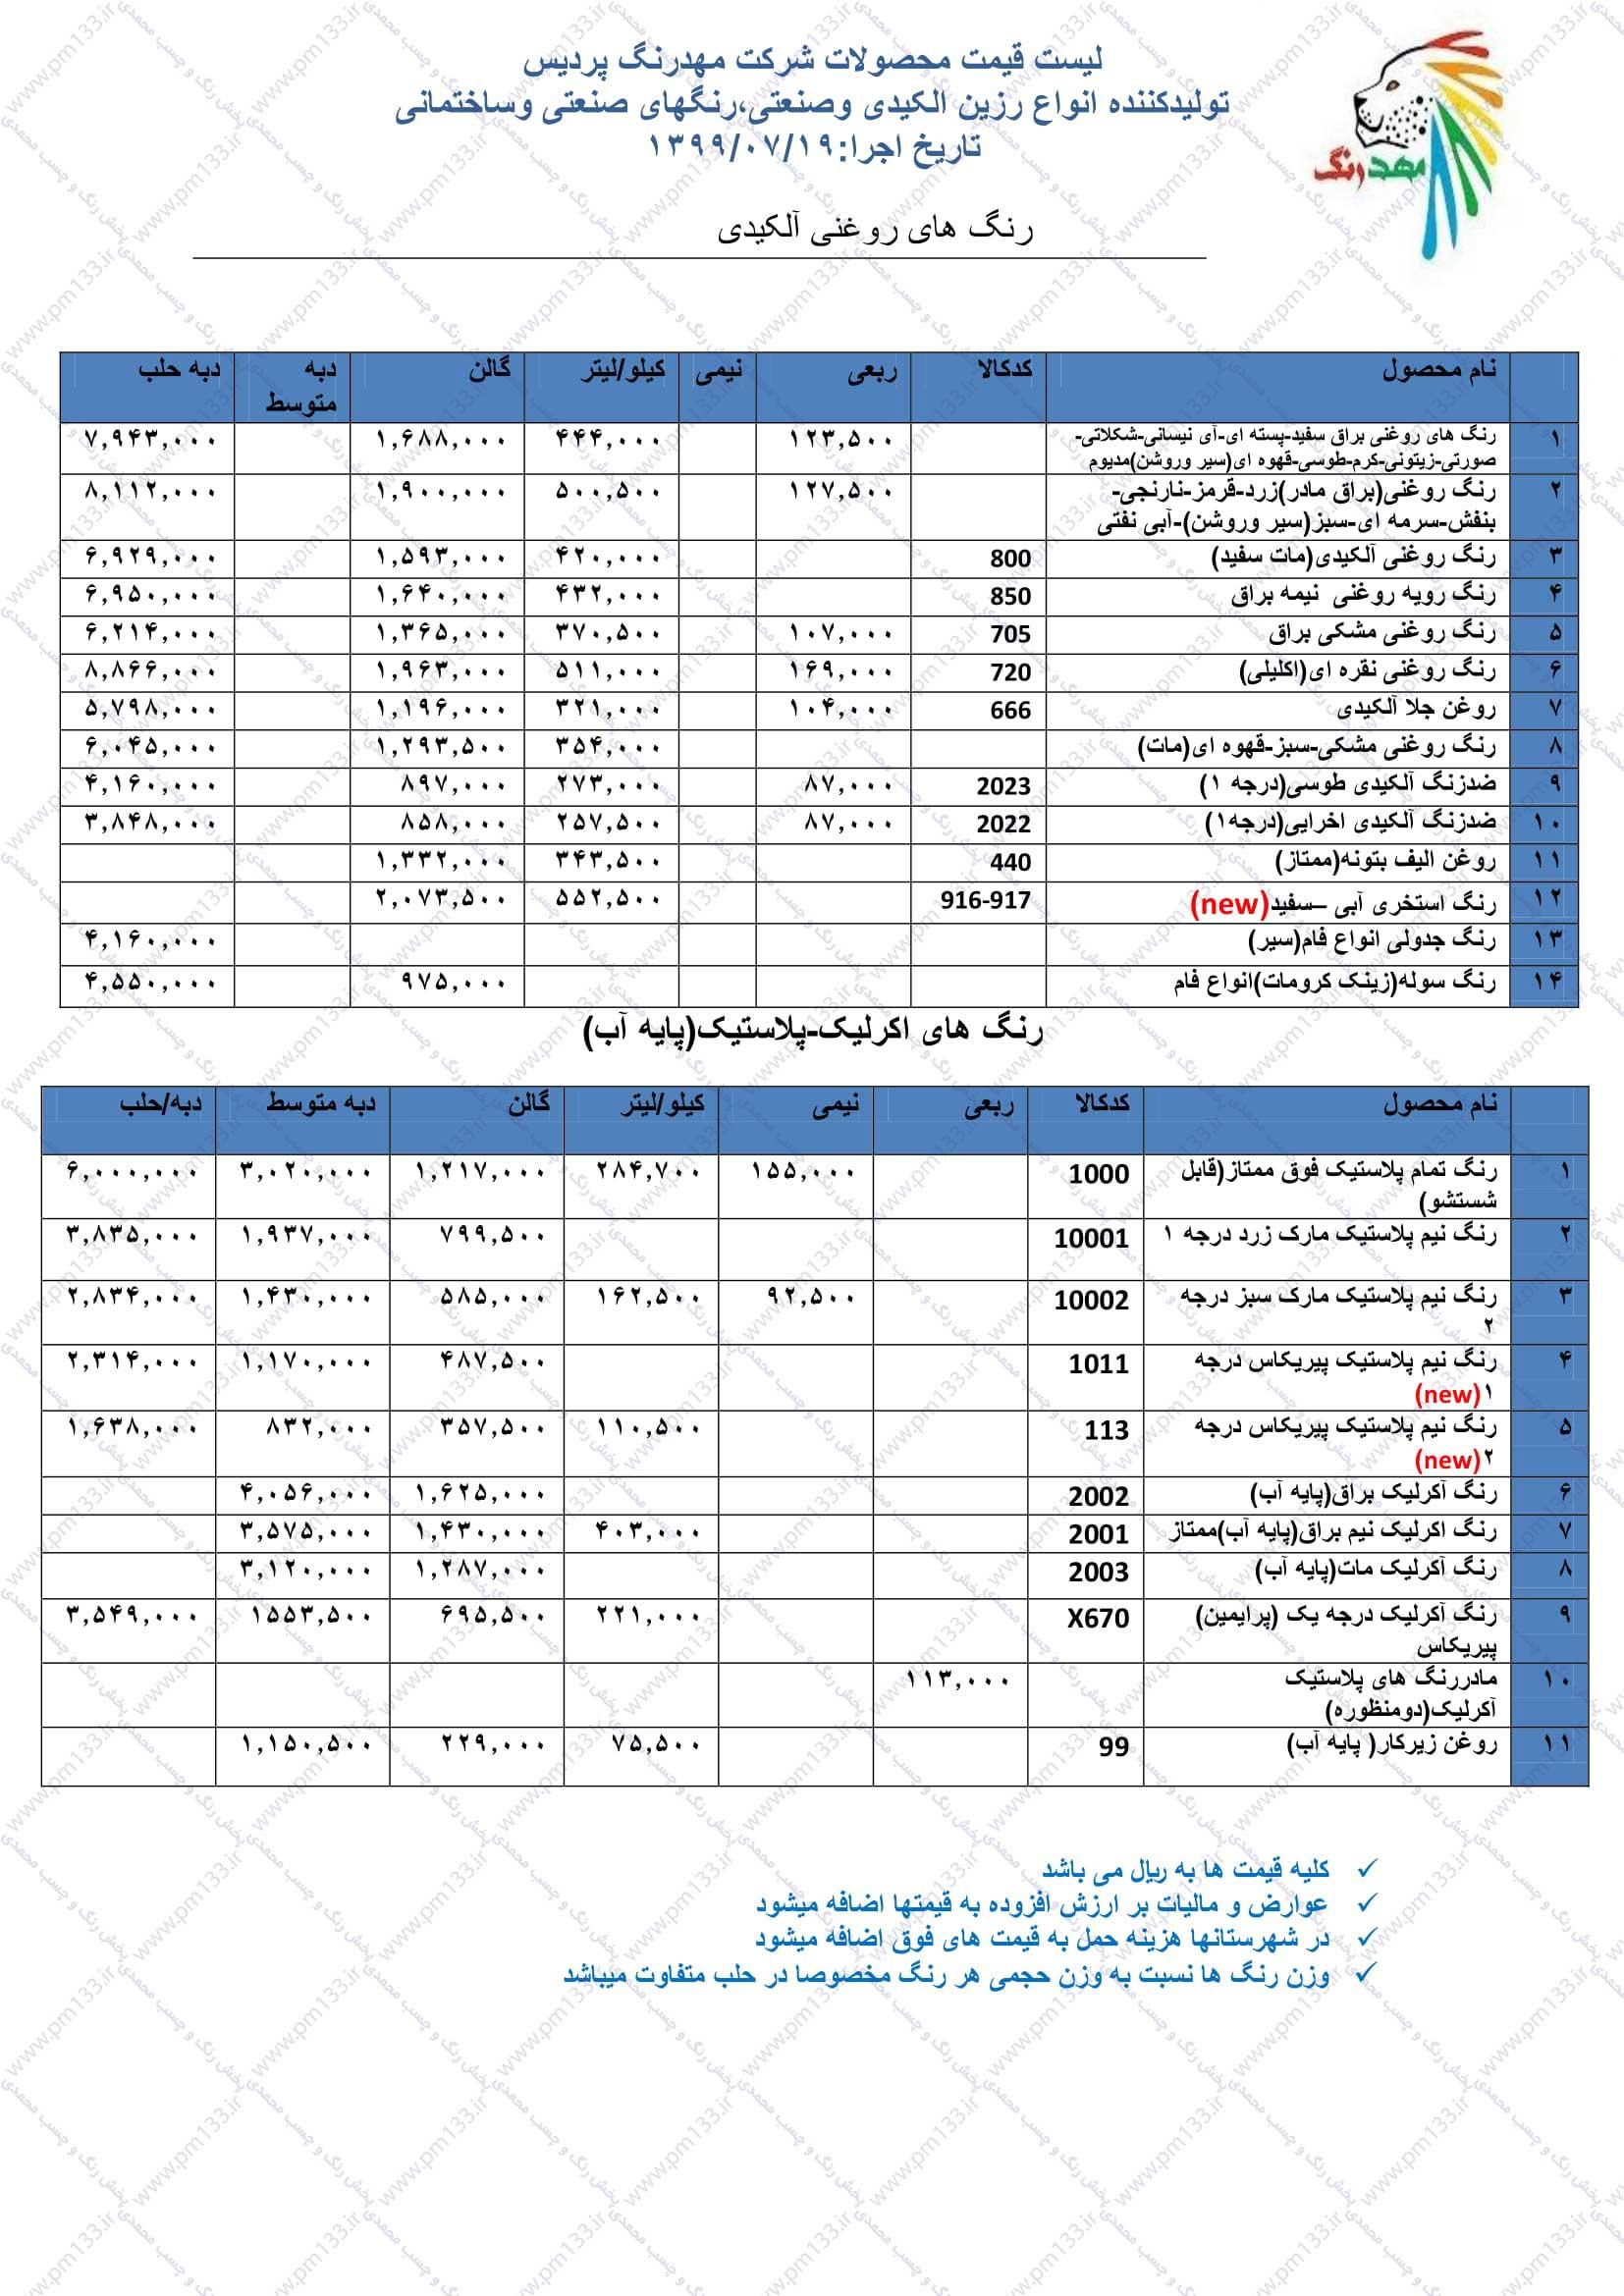 مهدرنگ پردیس لیست قیمت رنگ و رزین مهد رنگ پردیس